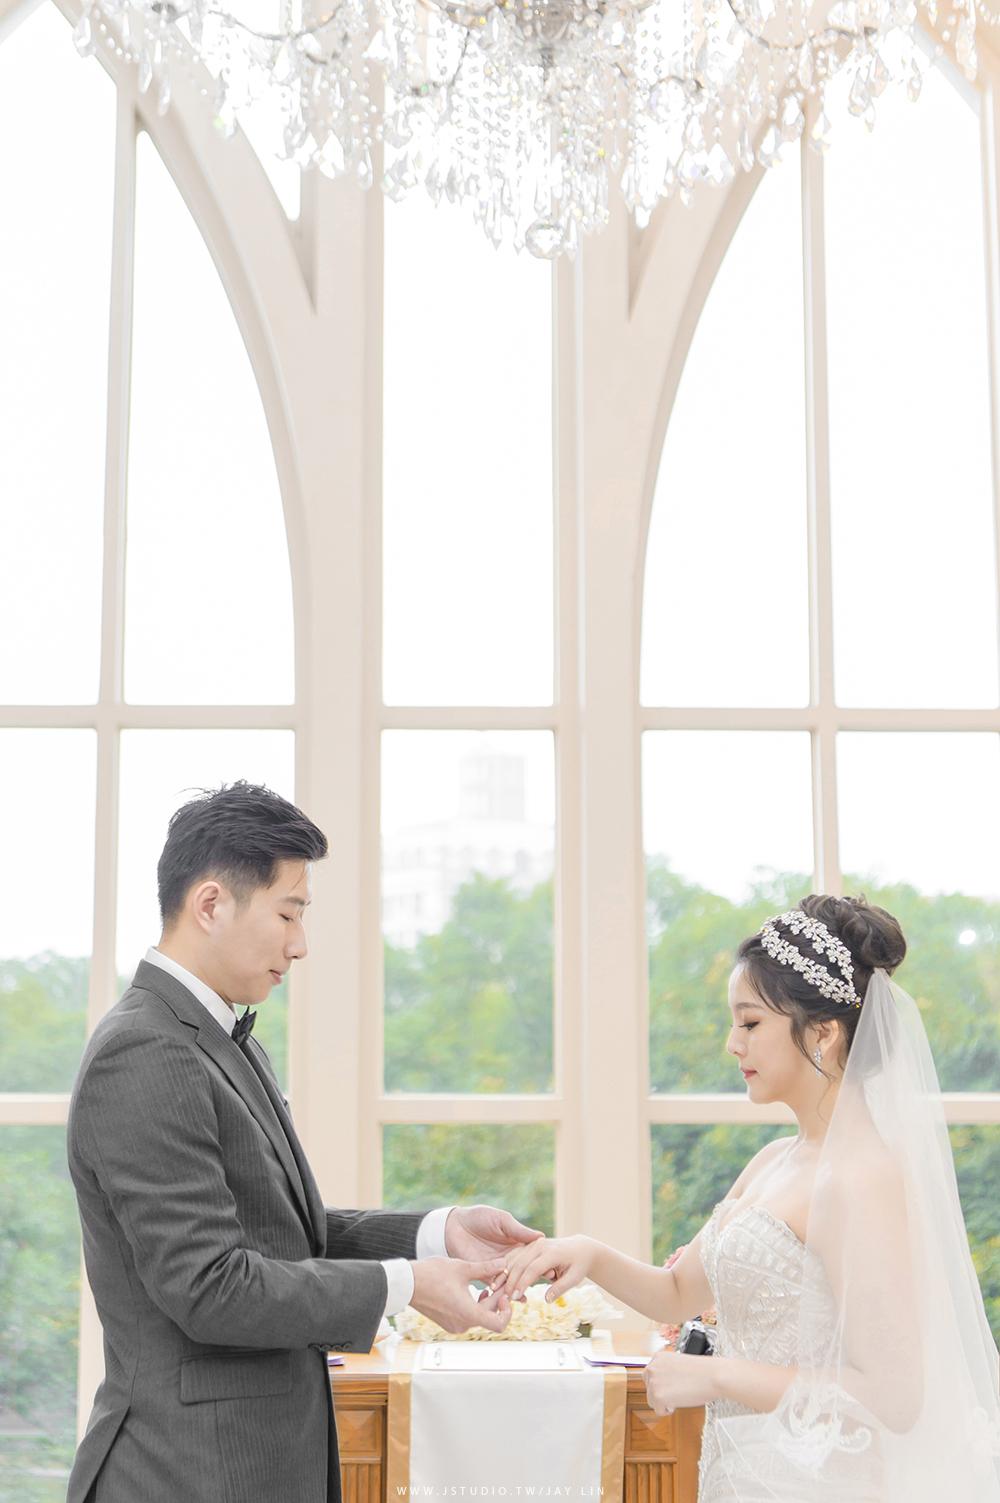 婚攝 台北婚攝 婚禮紀錄 婚攝 推薦婚攝 翡麗詩莊園 JSTUDIO_0048